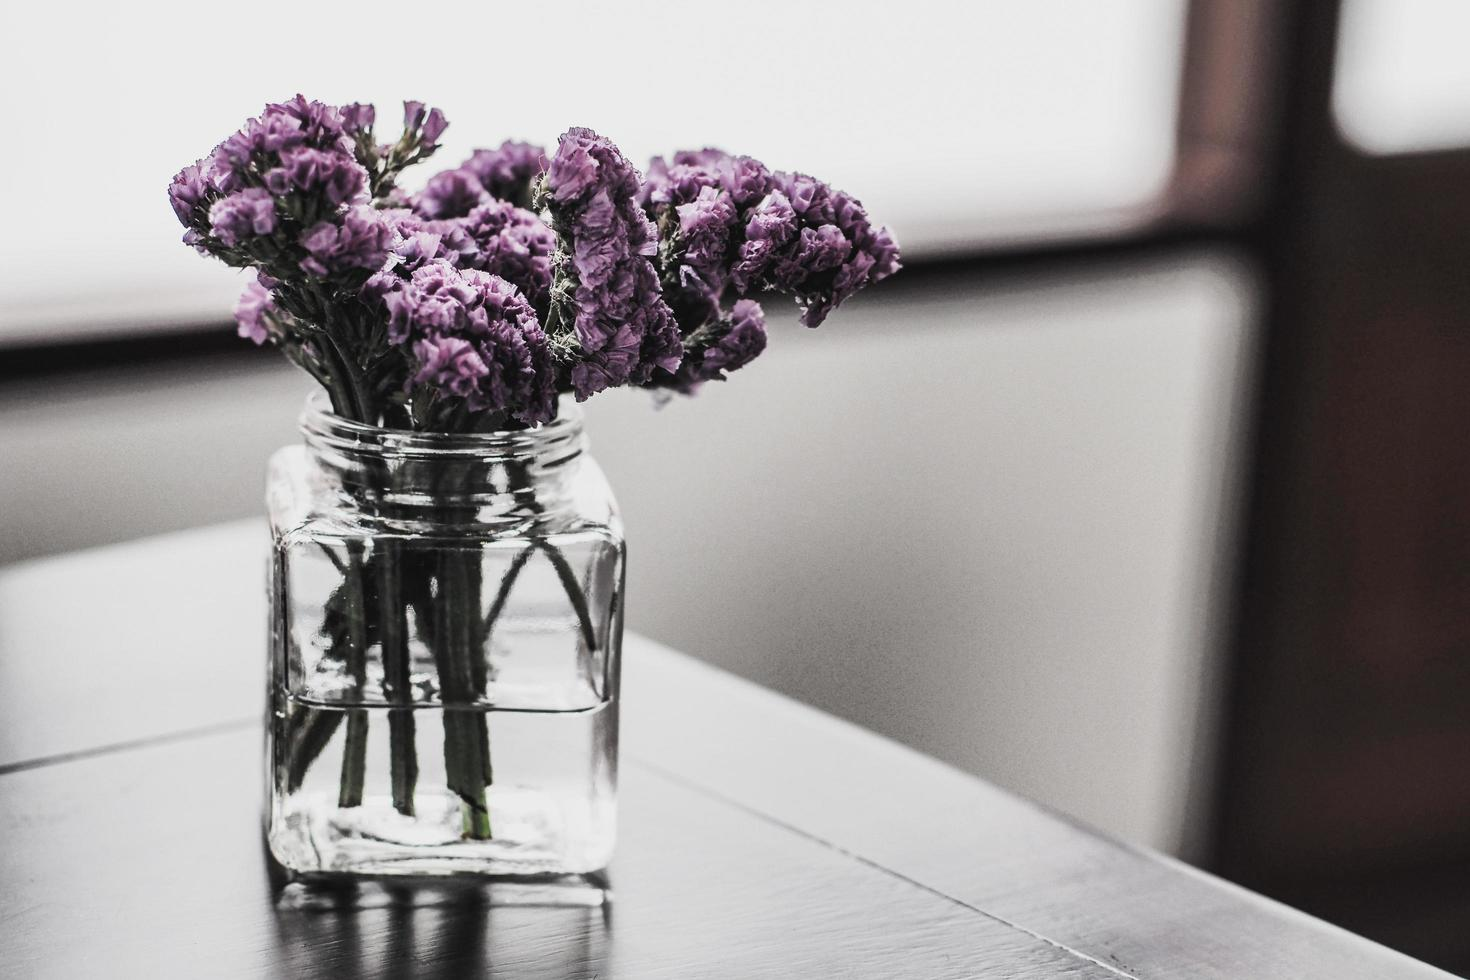 fleurs violettes dans un vase en verre photo